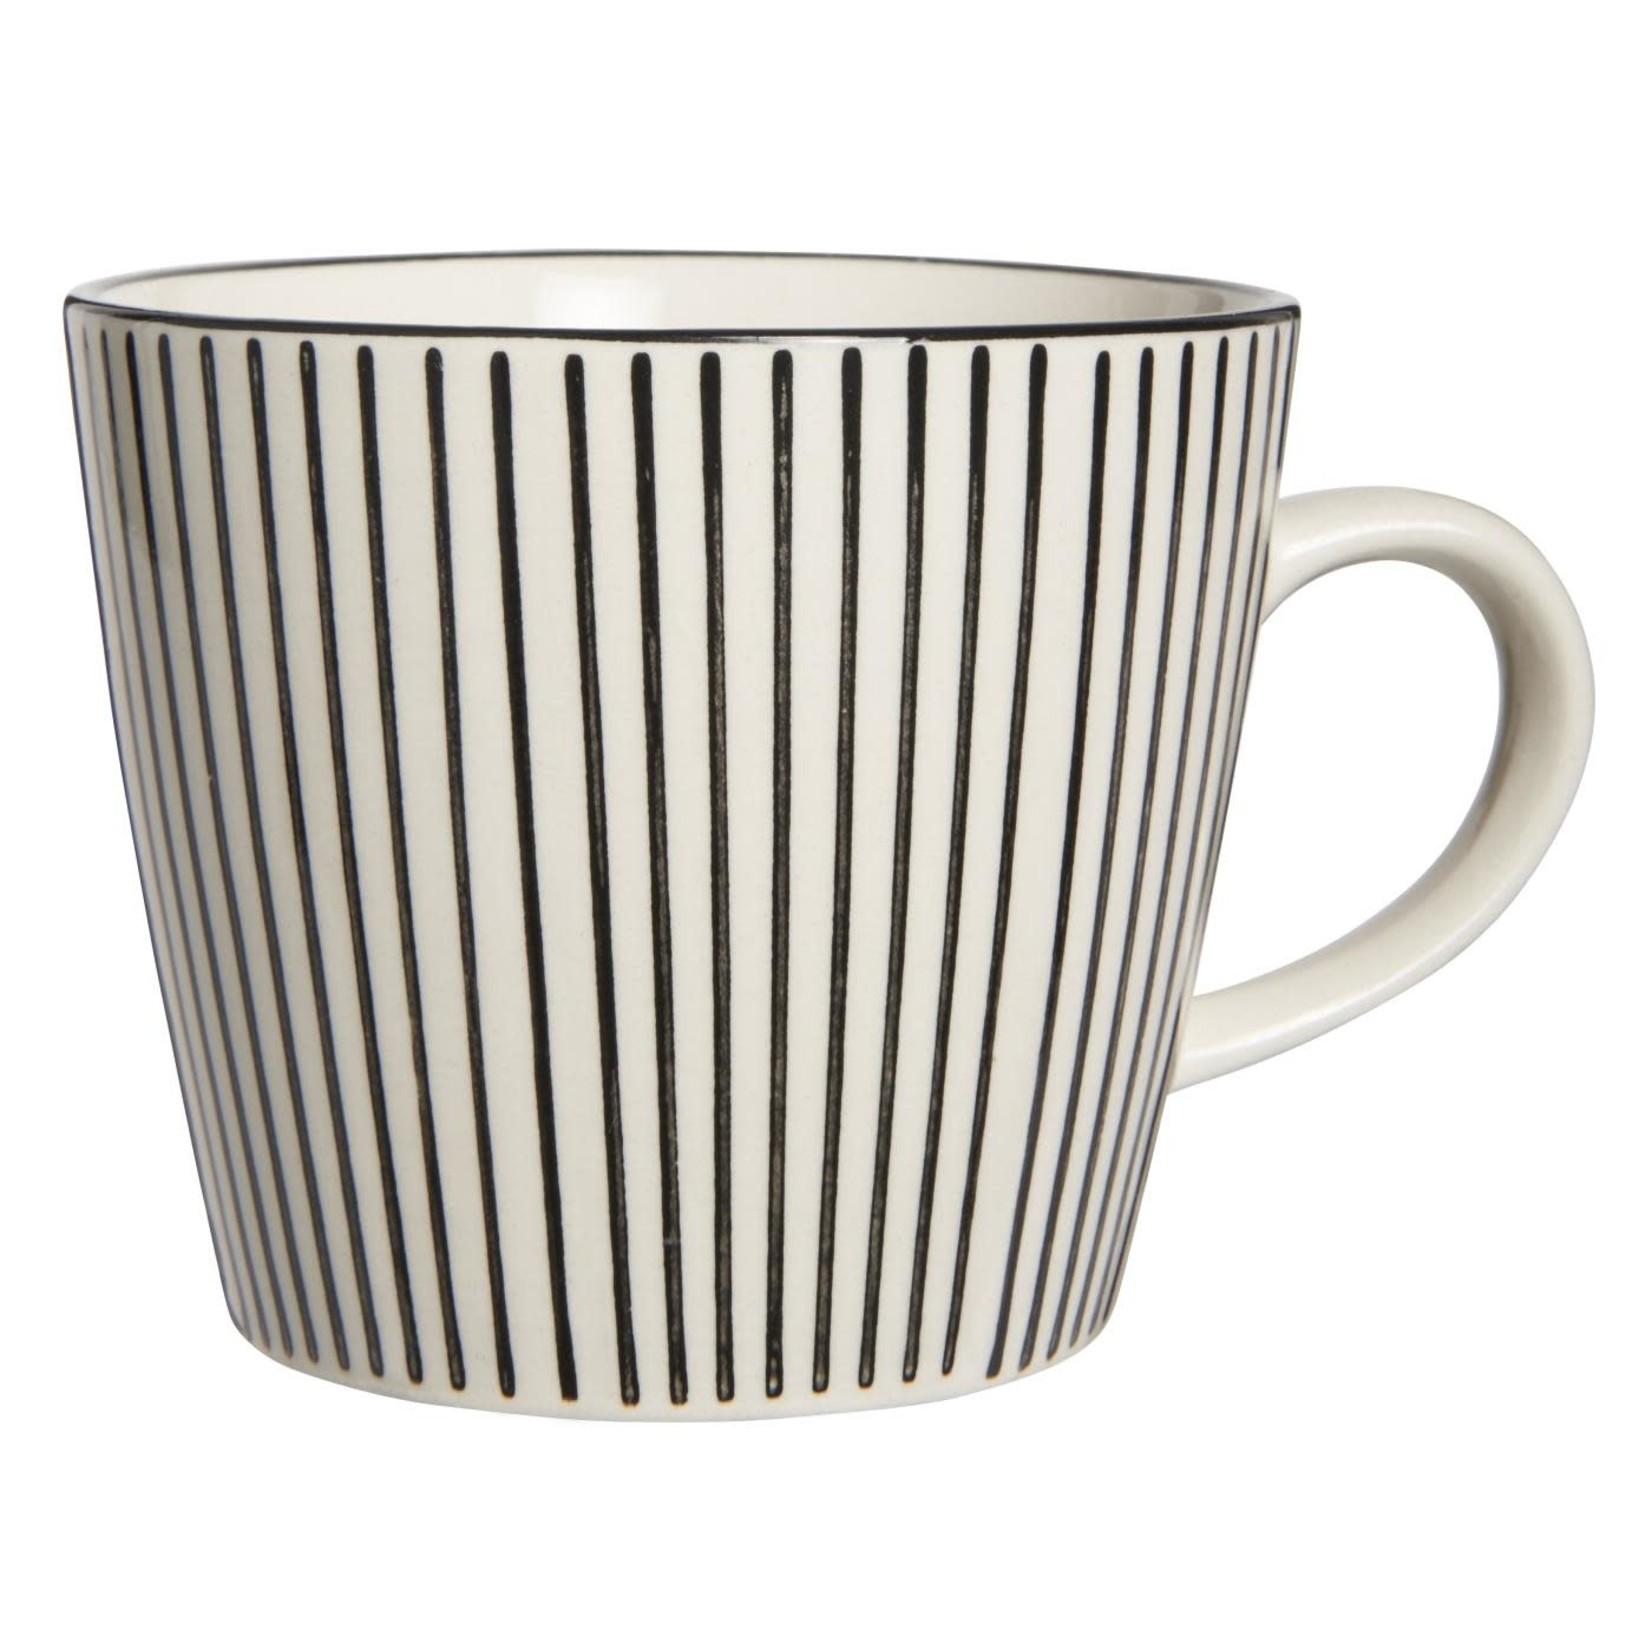 IB Laursen IB Laursen Mug Casablanca